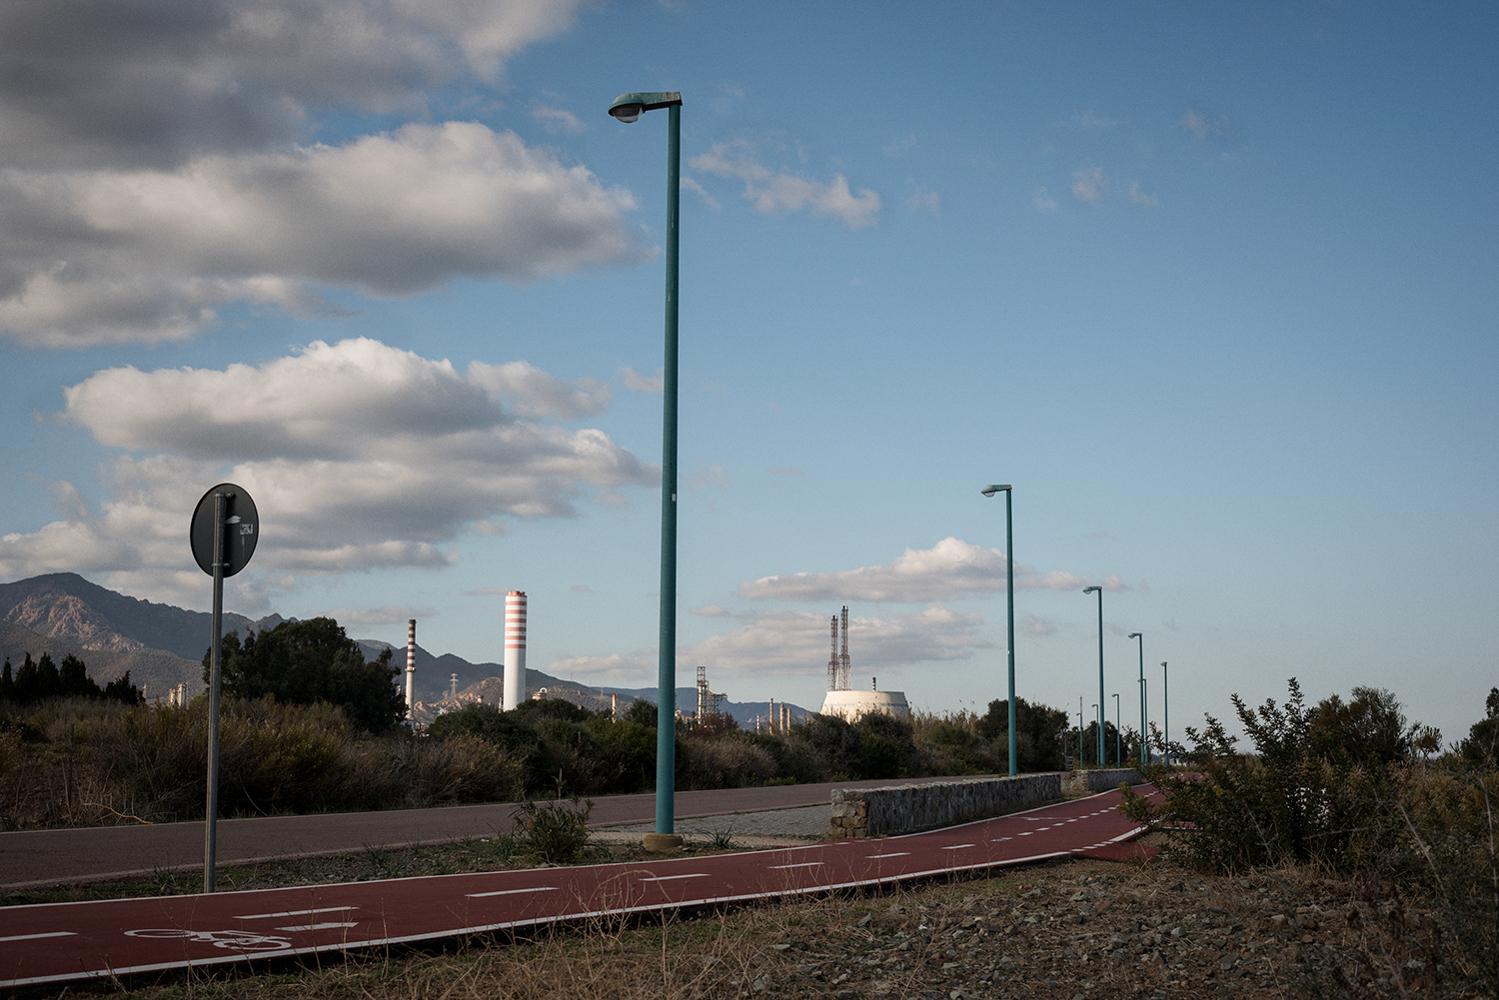 D'estate, a fine giornata, gli abitanti di Sarroch si rilassano praticando sport lungo il litorale che lambisce il parco di Sa Punta. L'area verde, da tempo chiusa al pubblico, si trova in prossimità di una discarica sotterrata a pochi metri dall'industria. Sarroch (Cagliari), 2017.